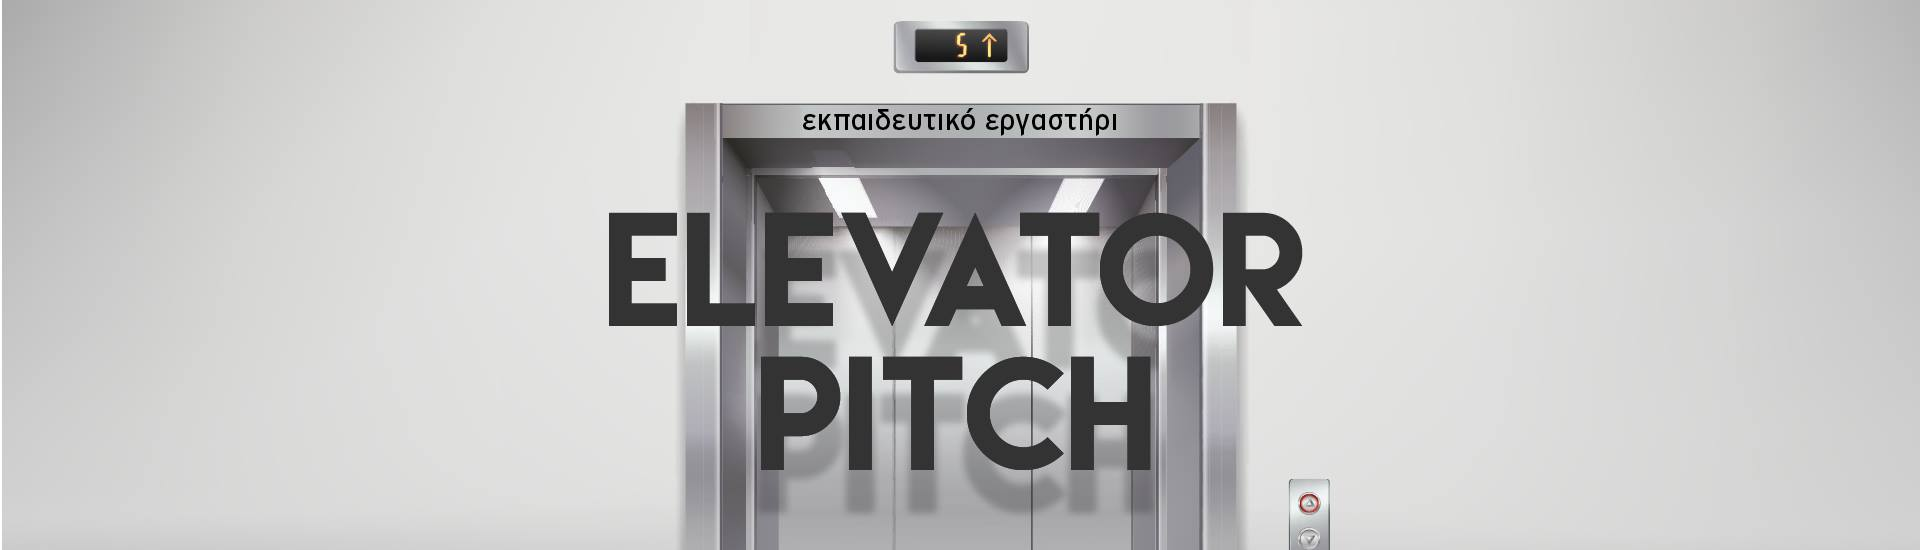 Εκπαιδευτικά Εργαστήρια- «Elevator Pitch» cyprus cyprusinno event events